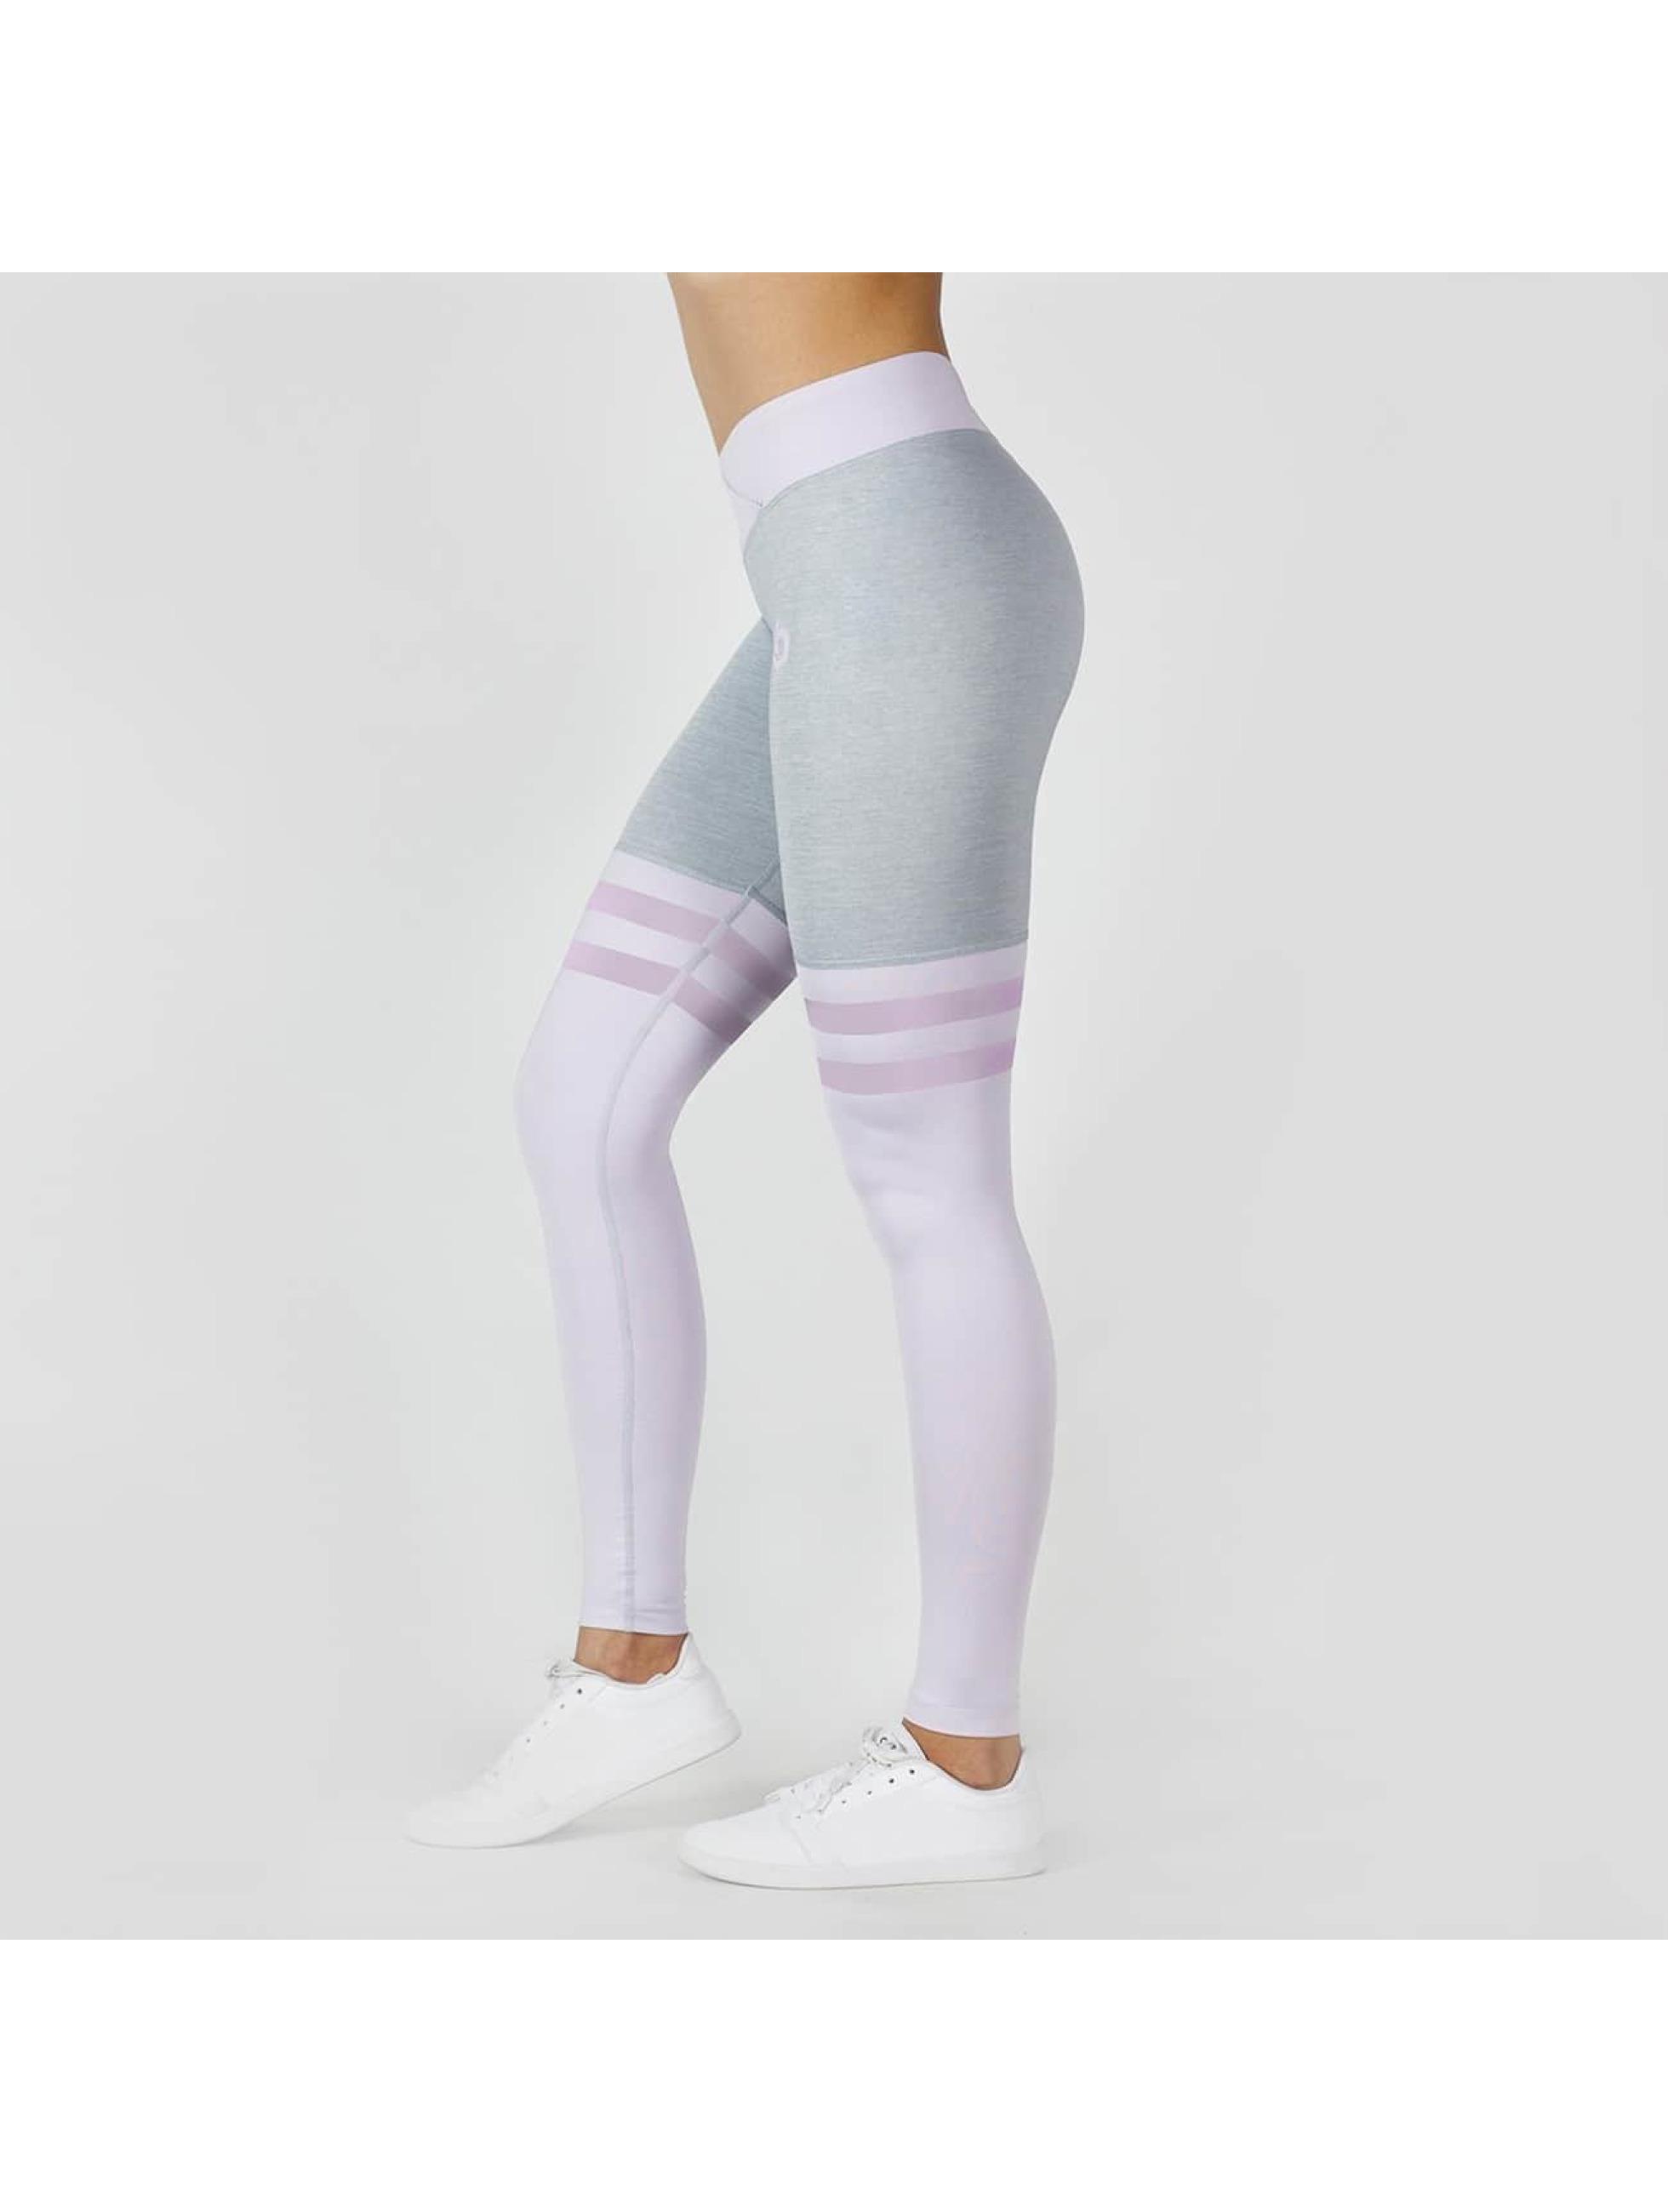 Beyond Limits Legging Overknee grijs